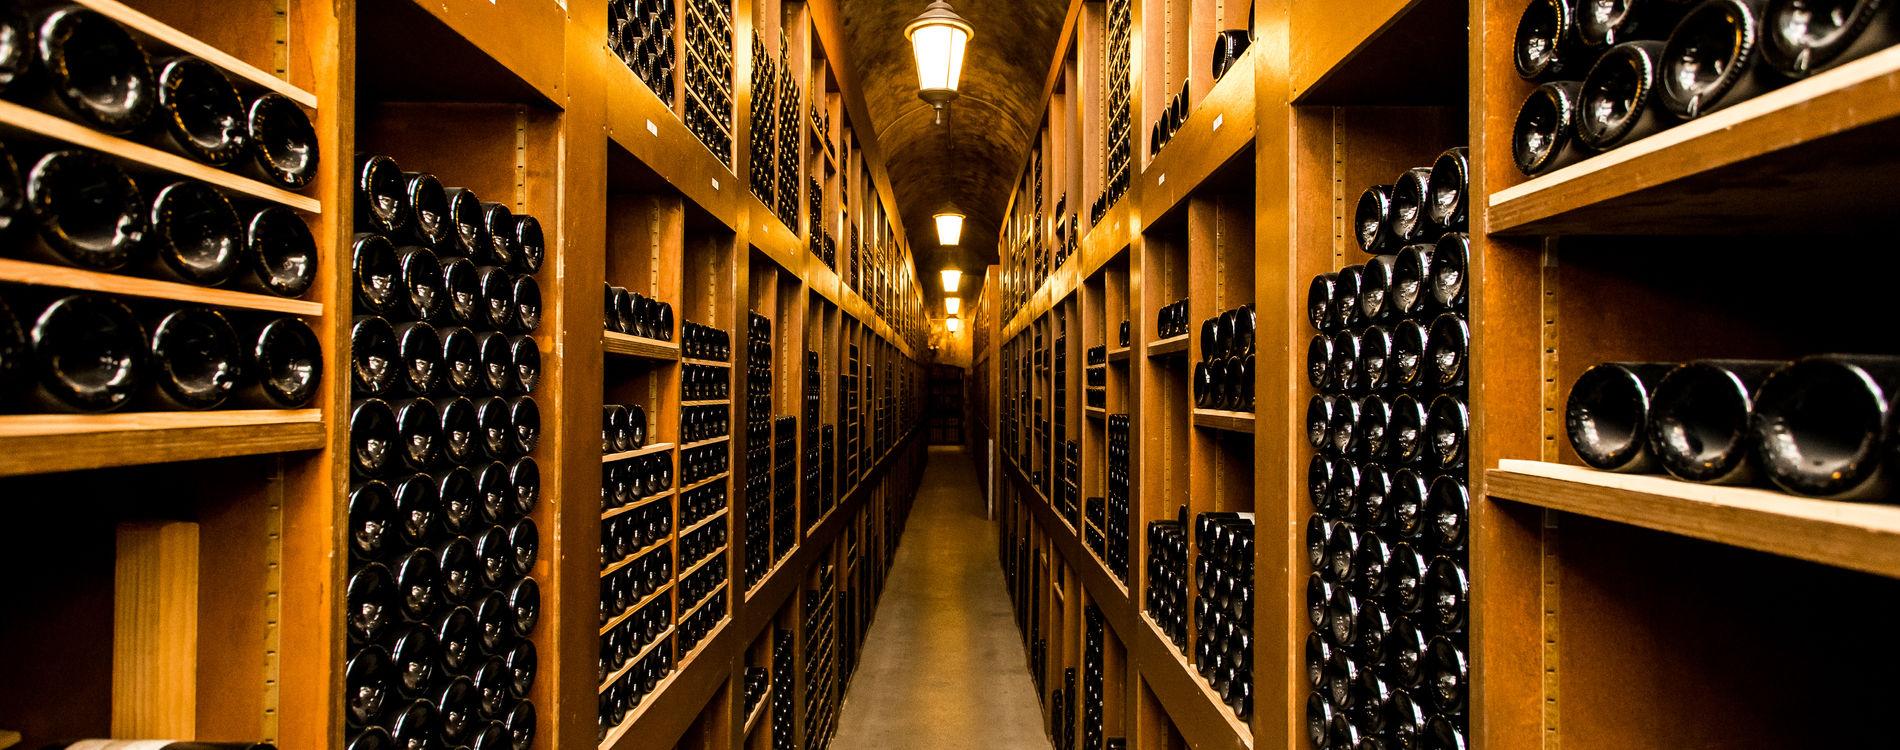 De Paris Monte Carlo Wine Cellars